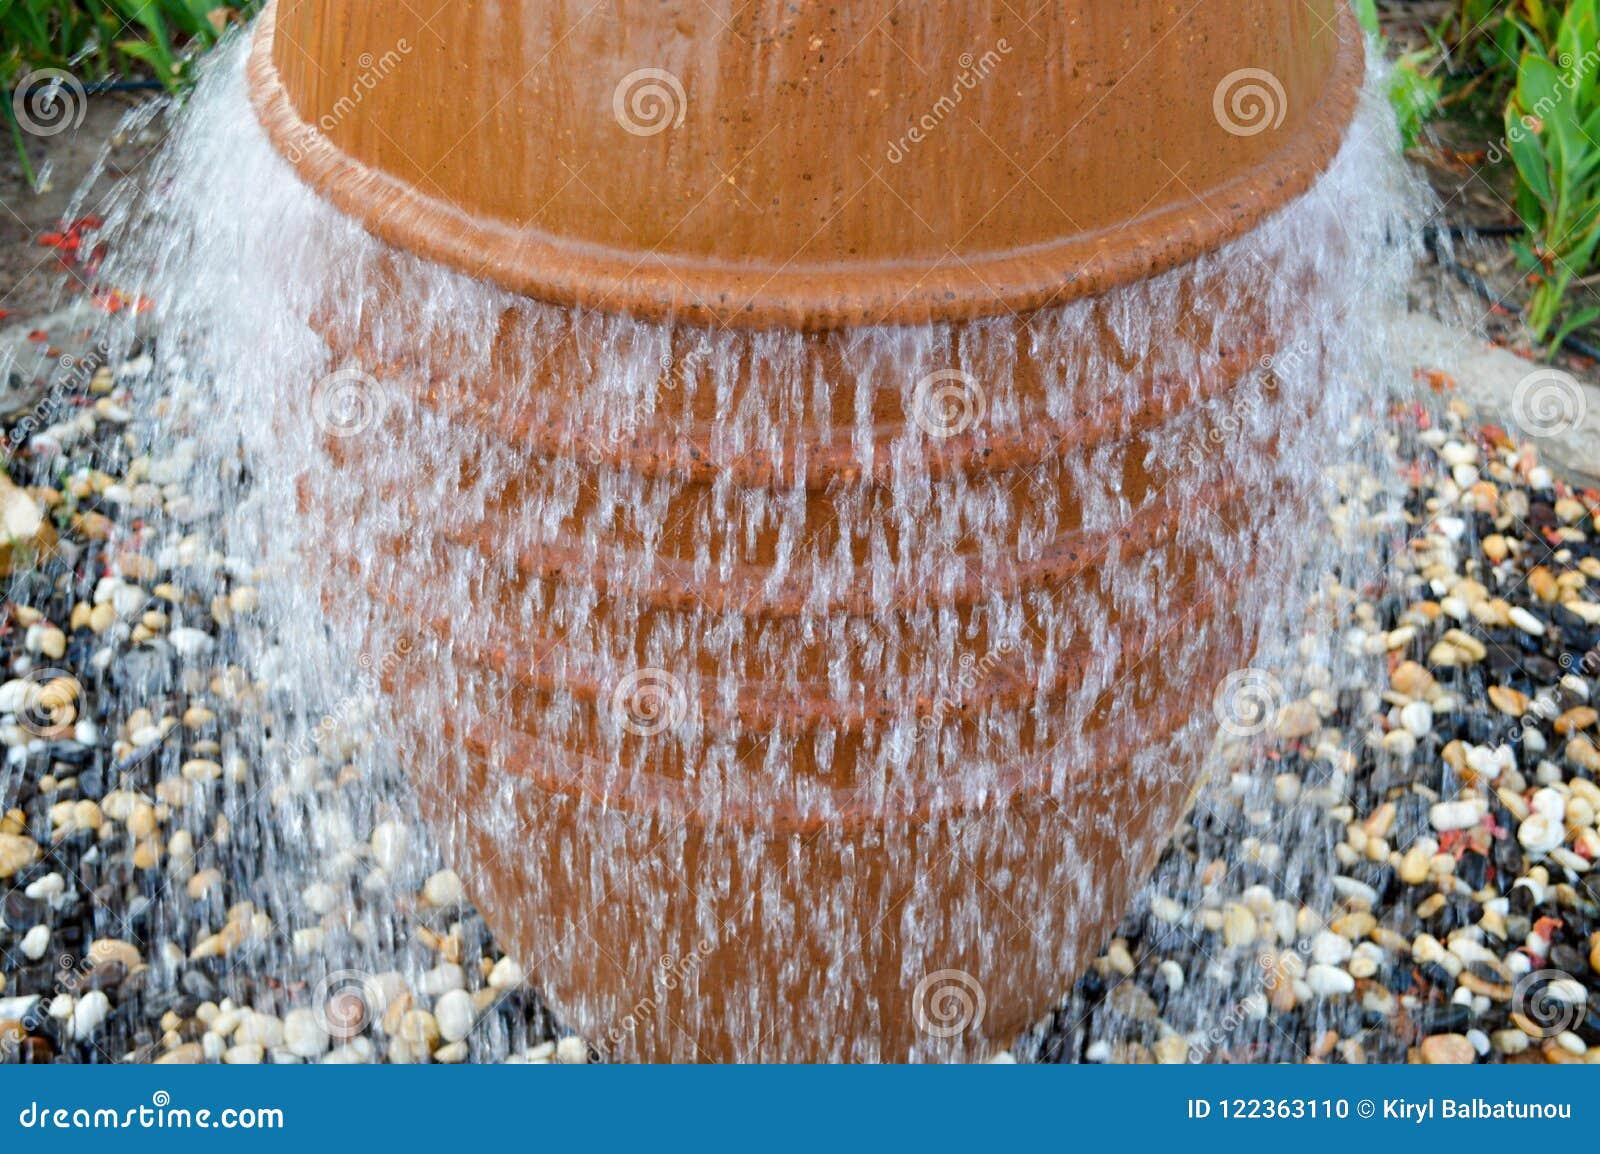 En härlig liten springbrunn i form av en brun vas, en tillbringare med fallande droppar av vatten på kulört stå för stenar